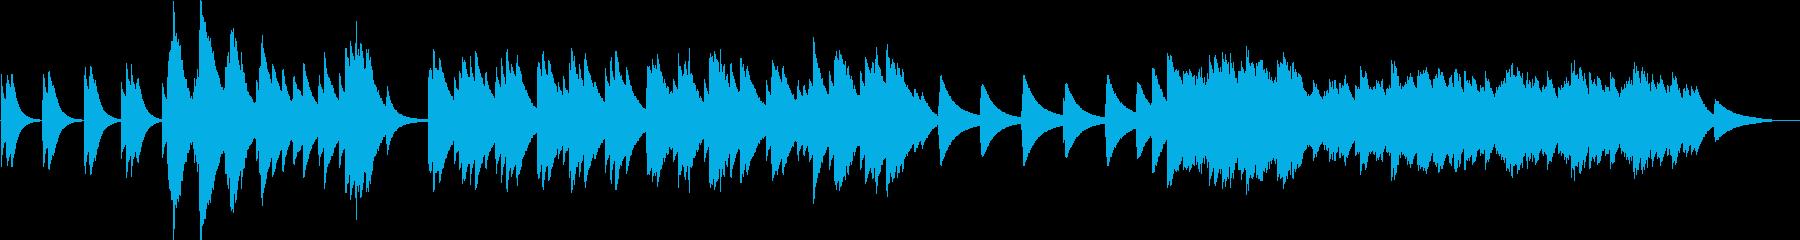 偉大なる揺り籠のベルの再生済みの波形